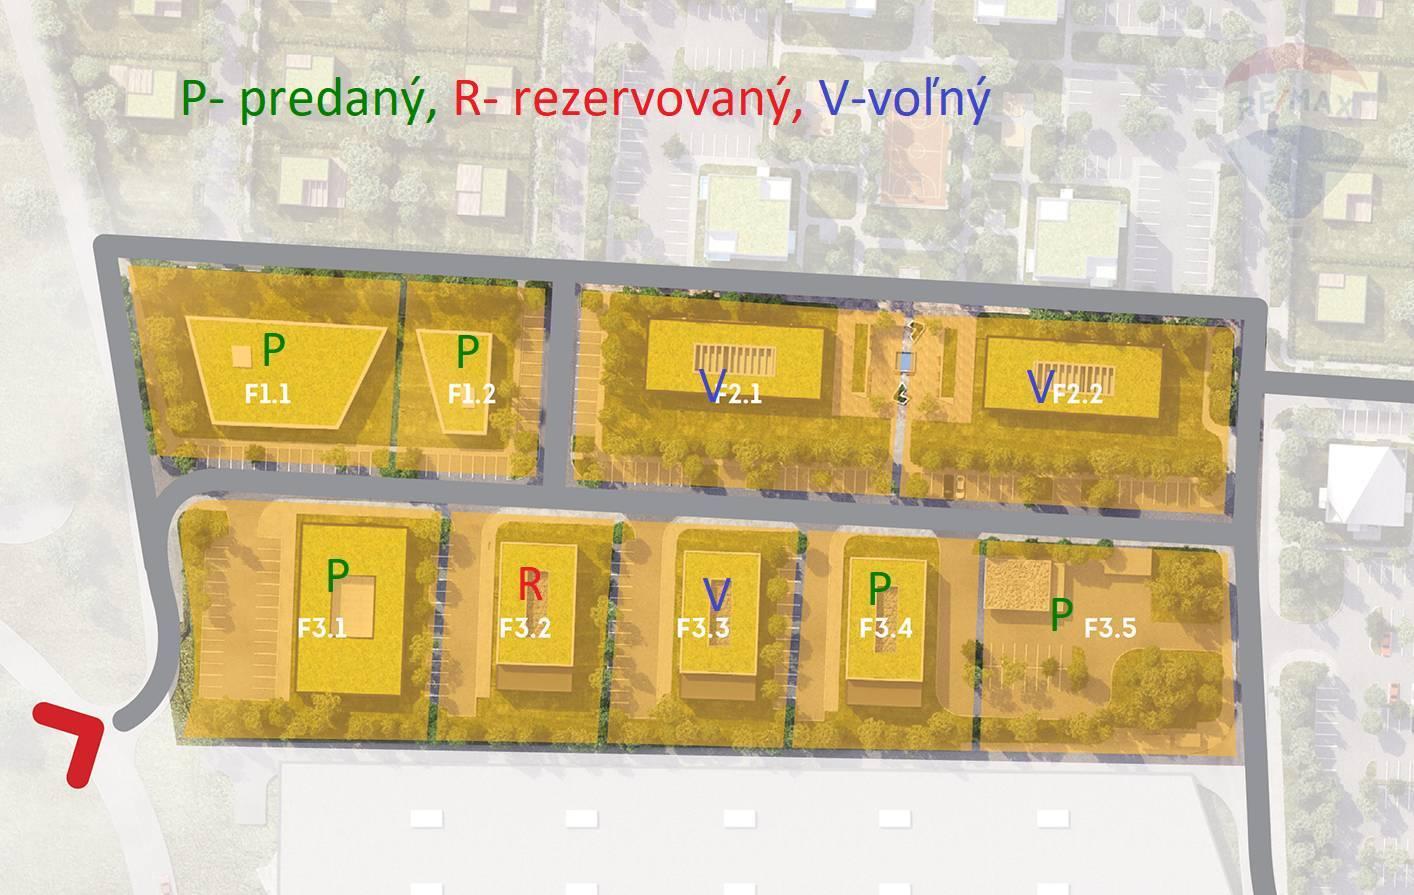 """Stavebný pozemok č. F2.2 pre občiansku vybavenosť  """"Kasárne"""" Brezno"""